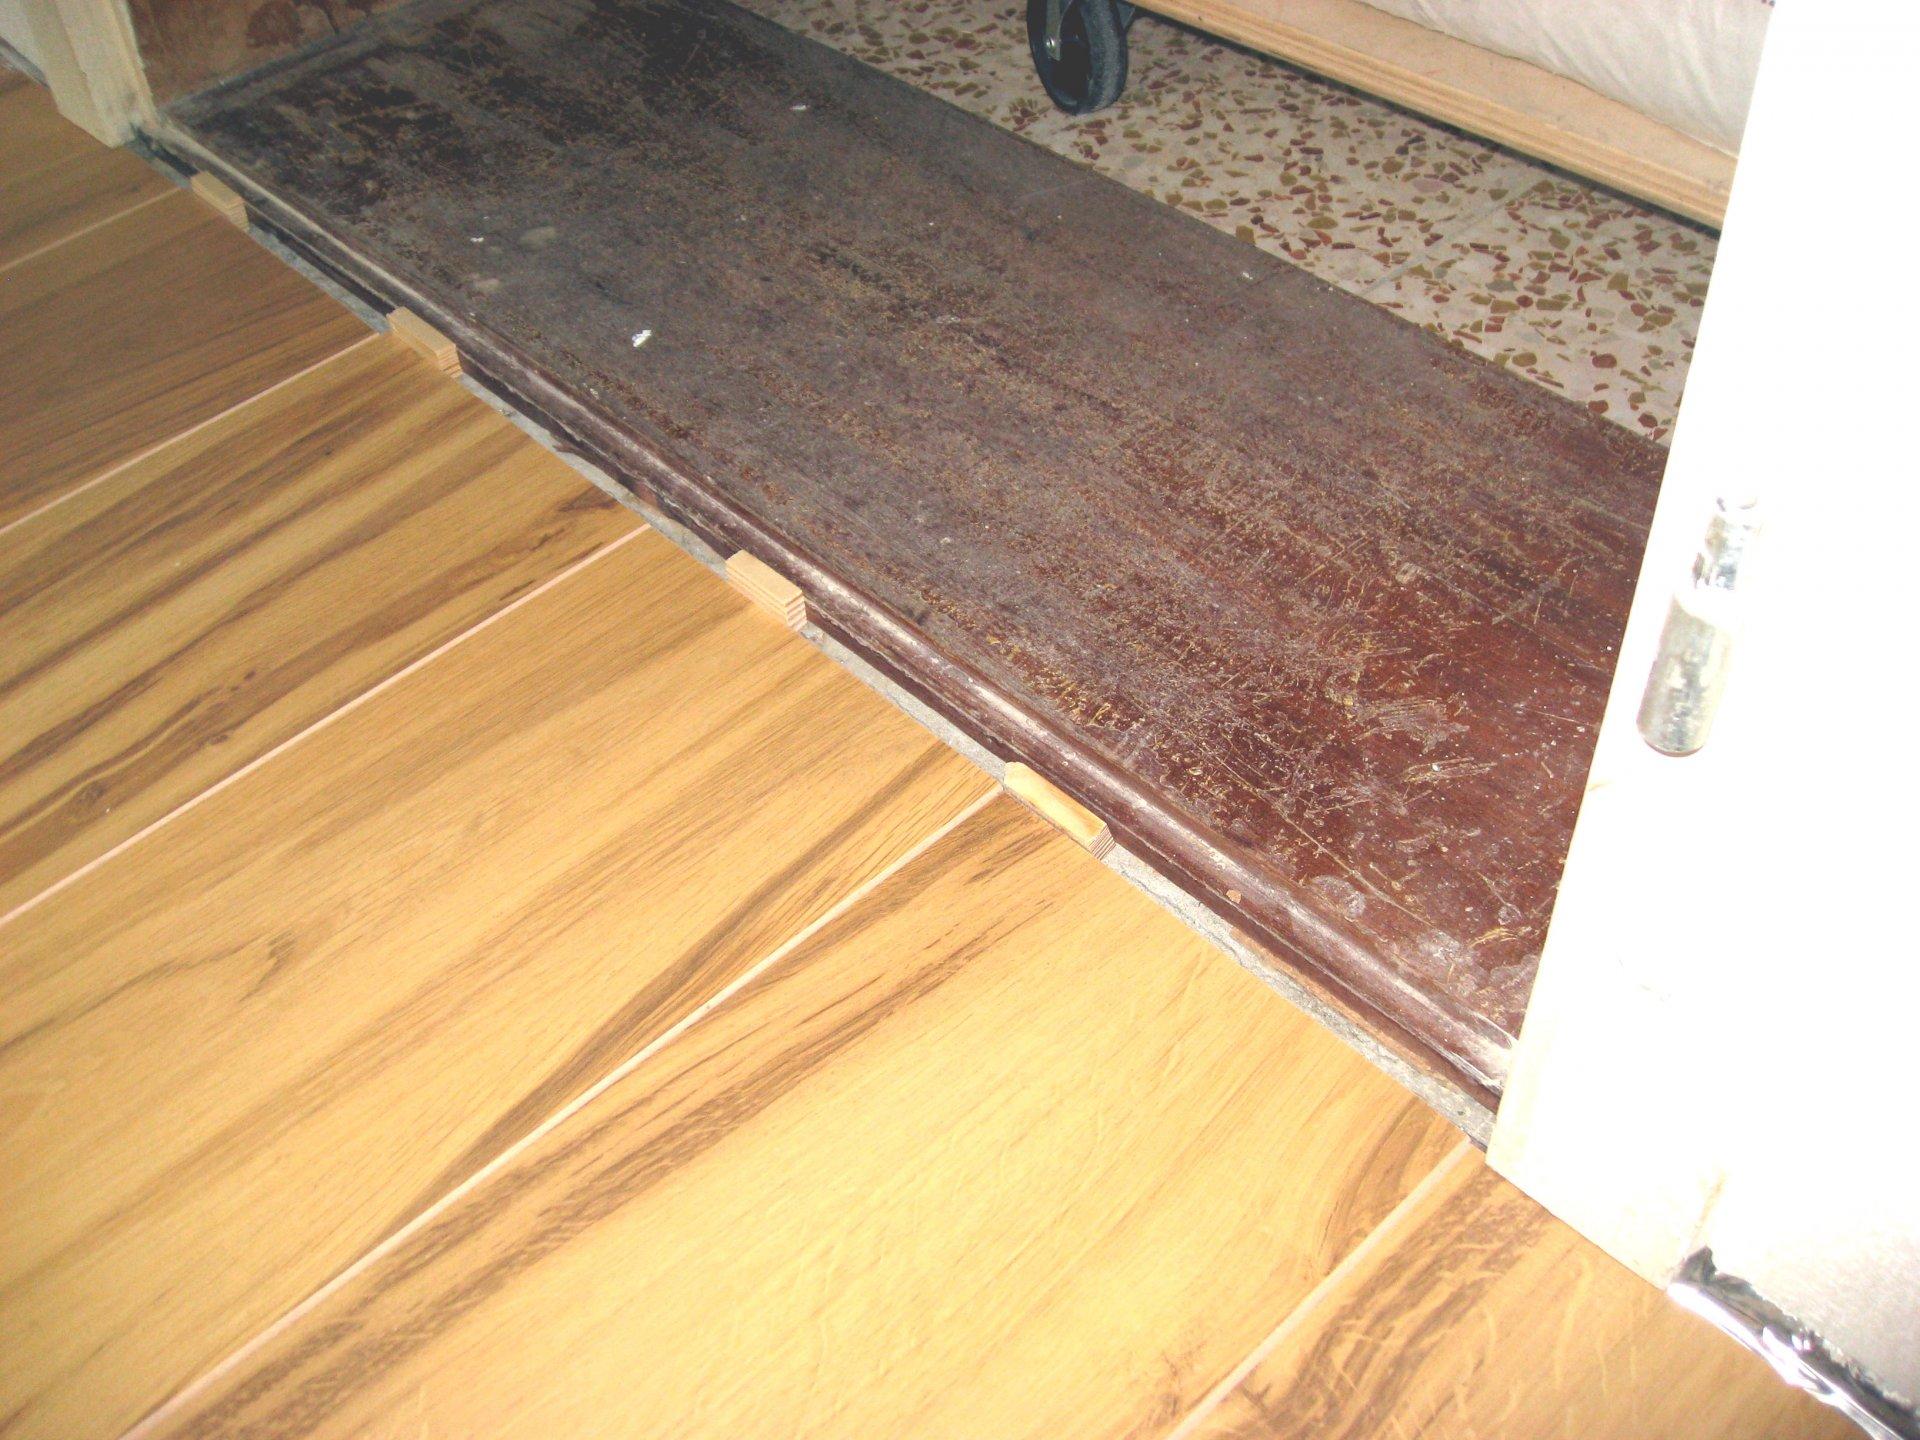 Übergang Laminat Holzschwelle - übergang fliesen laminat ohne schiene